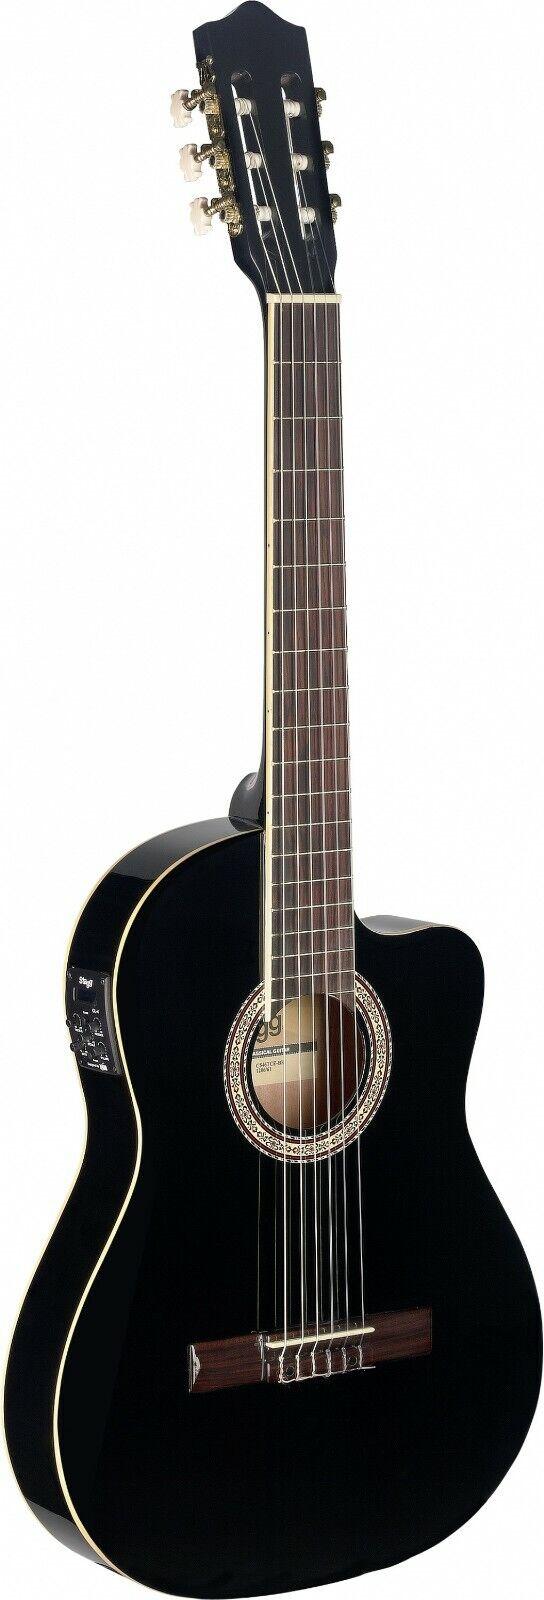 C546TCE-BK Elektroakustik Gitarre Konzertgitarre